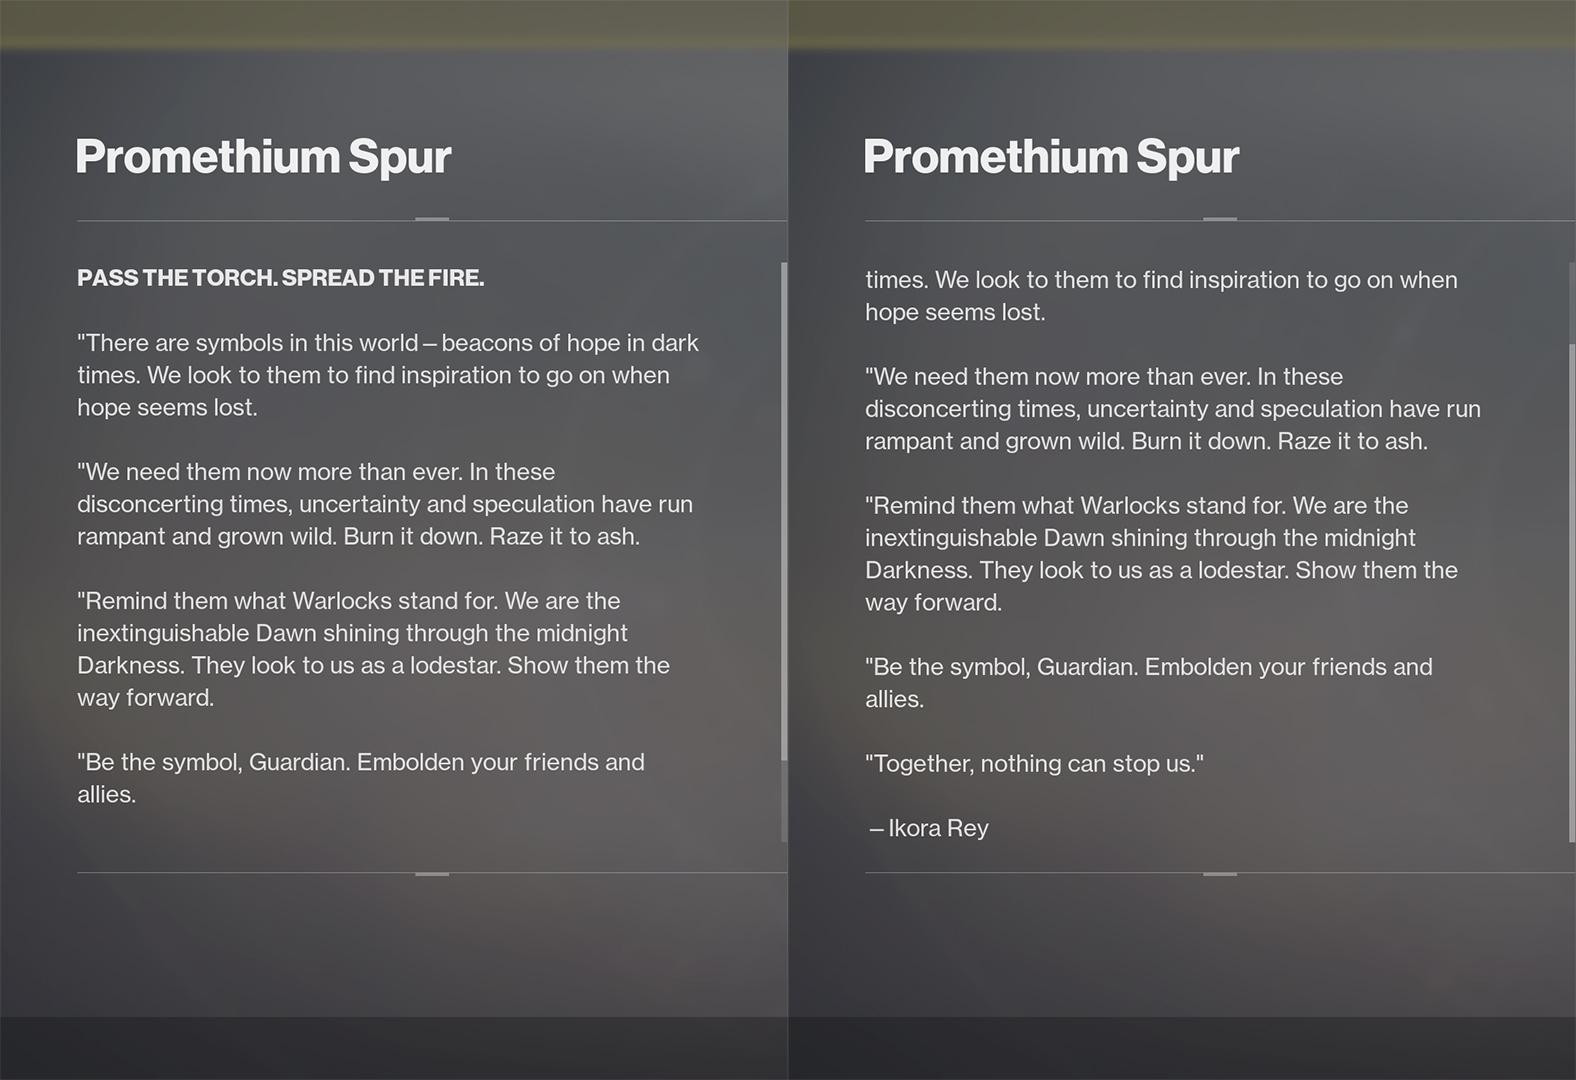 promethium spur lore destiny 2